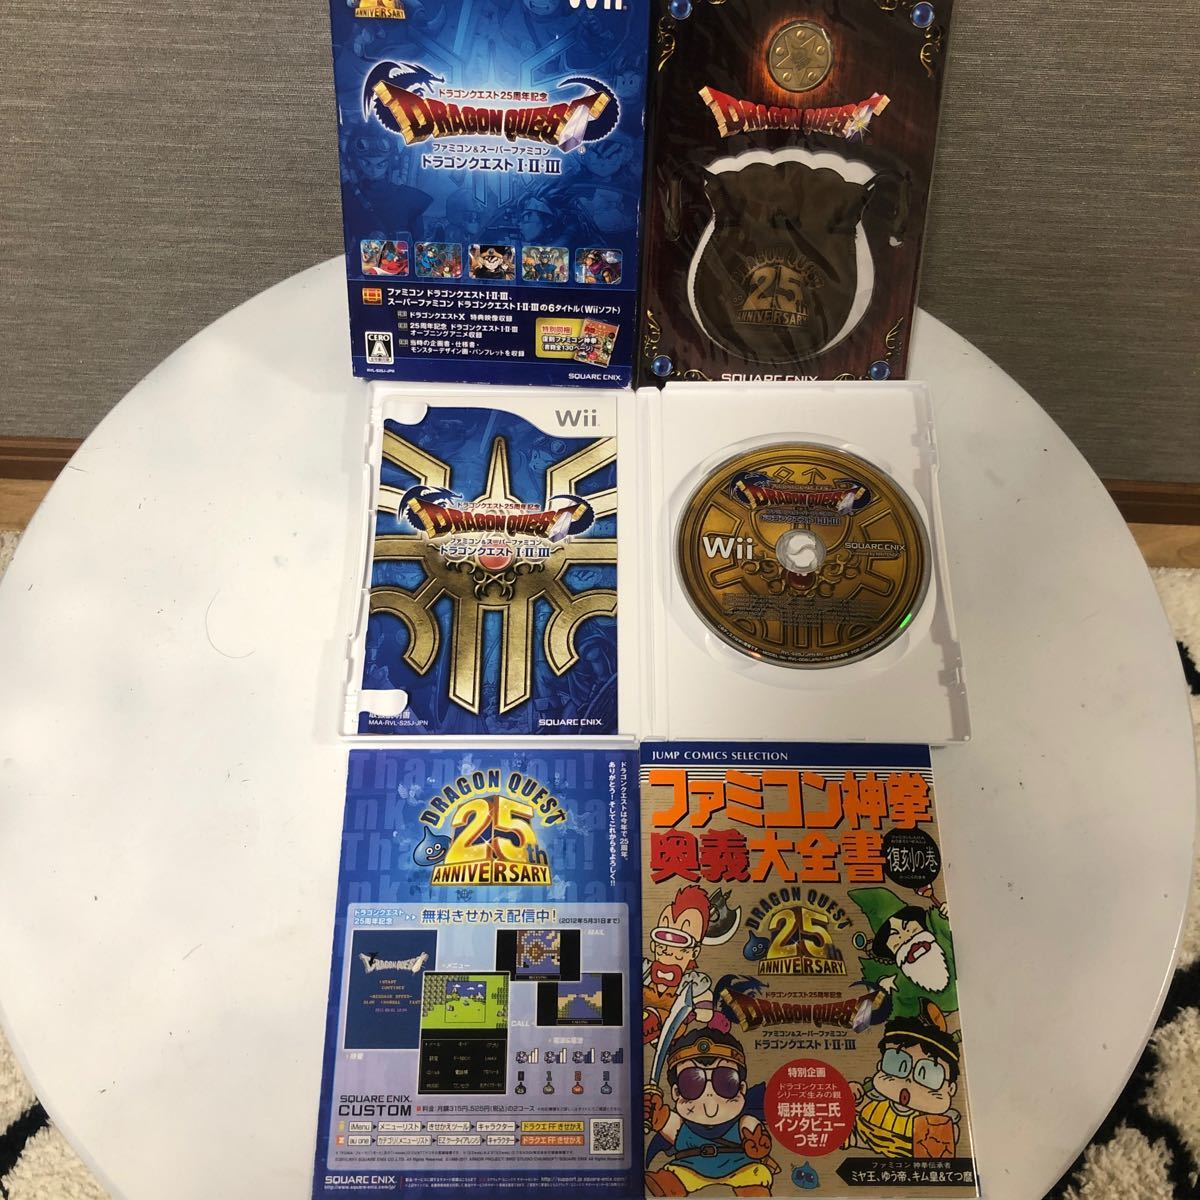 ドラゴンクエスト ドラゴンクエスト123 スーパーファミコン Wii 任天堂Wii